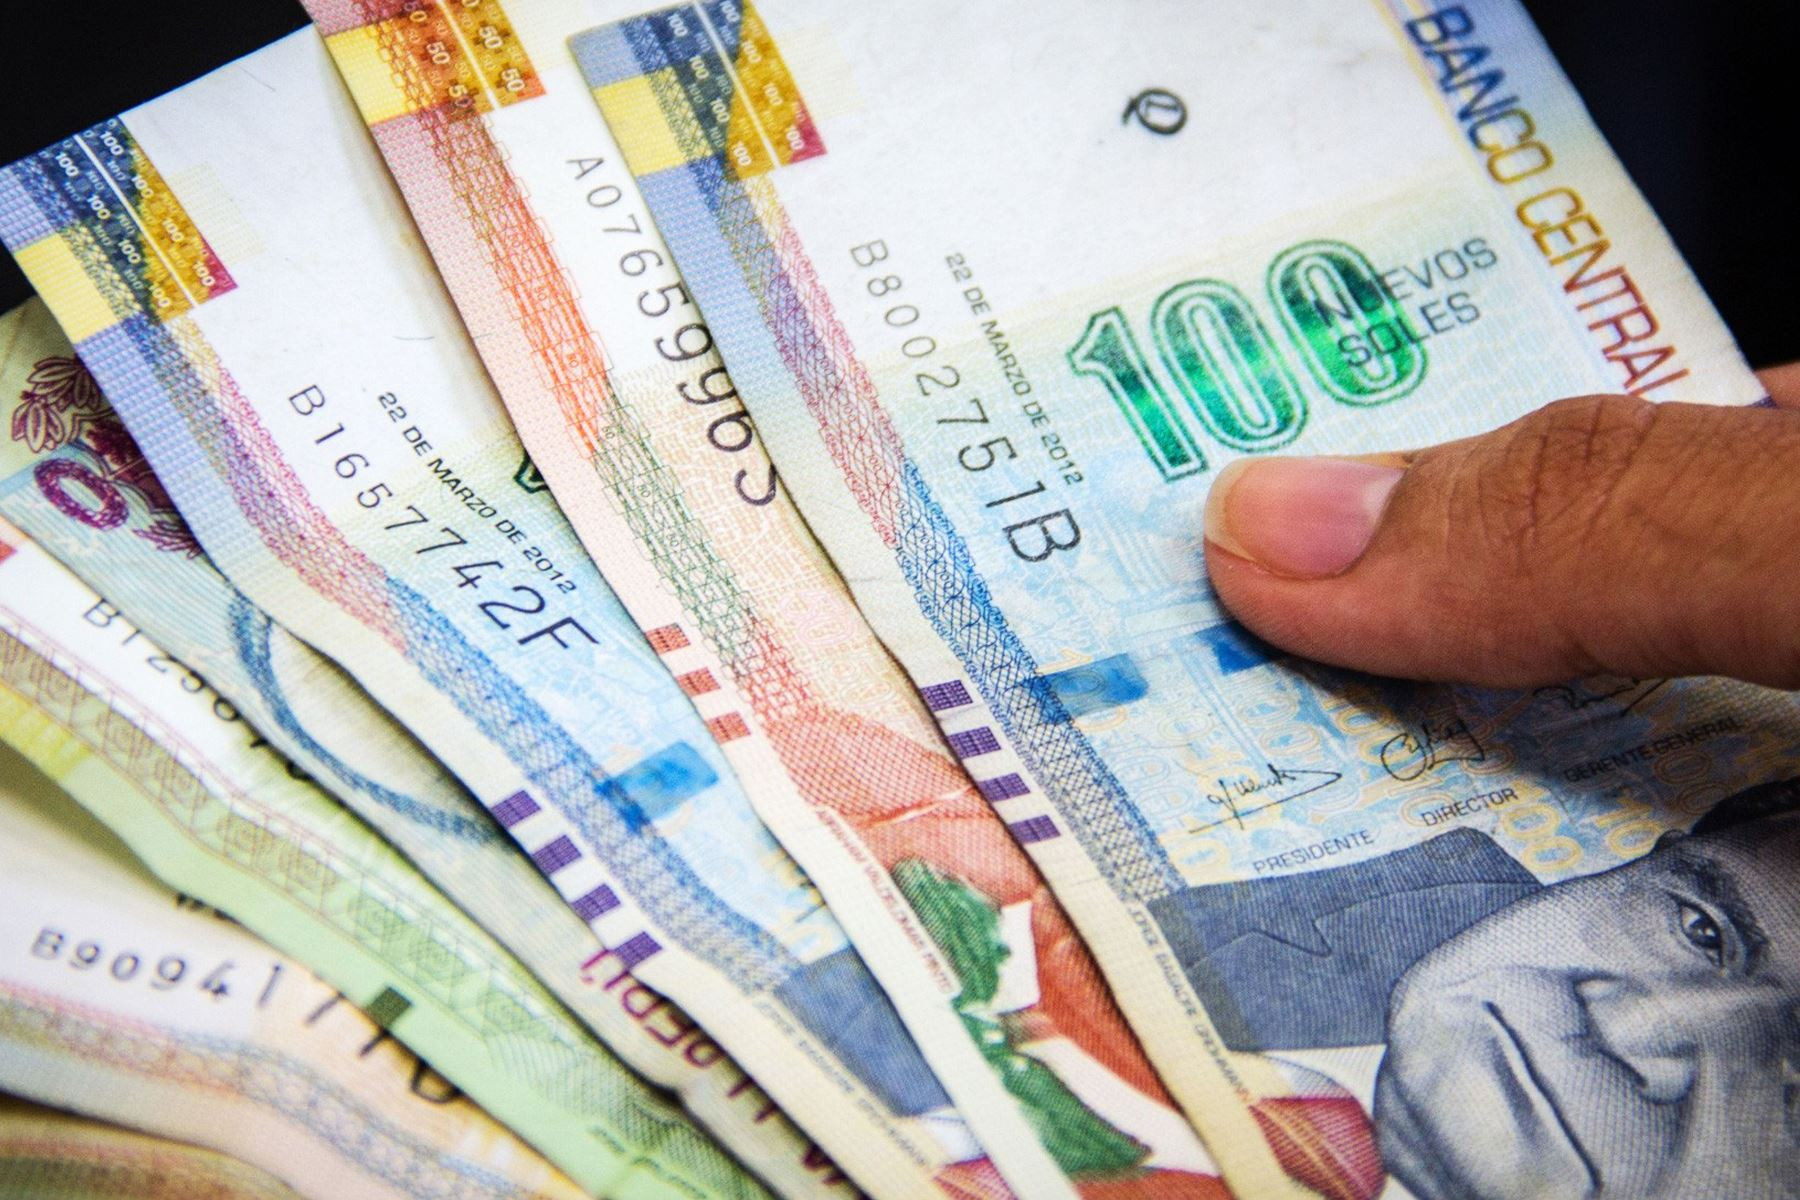 empleadores-deben-pagar-gratificaciones-como-maximo-hasta-el-15-de-julionbsp